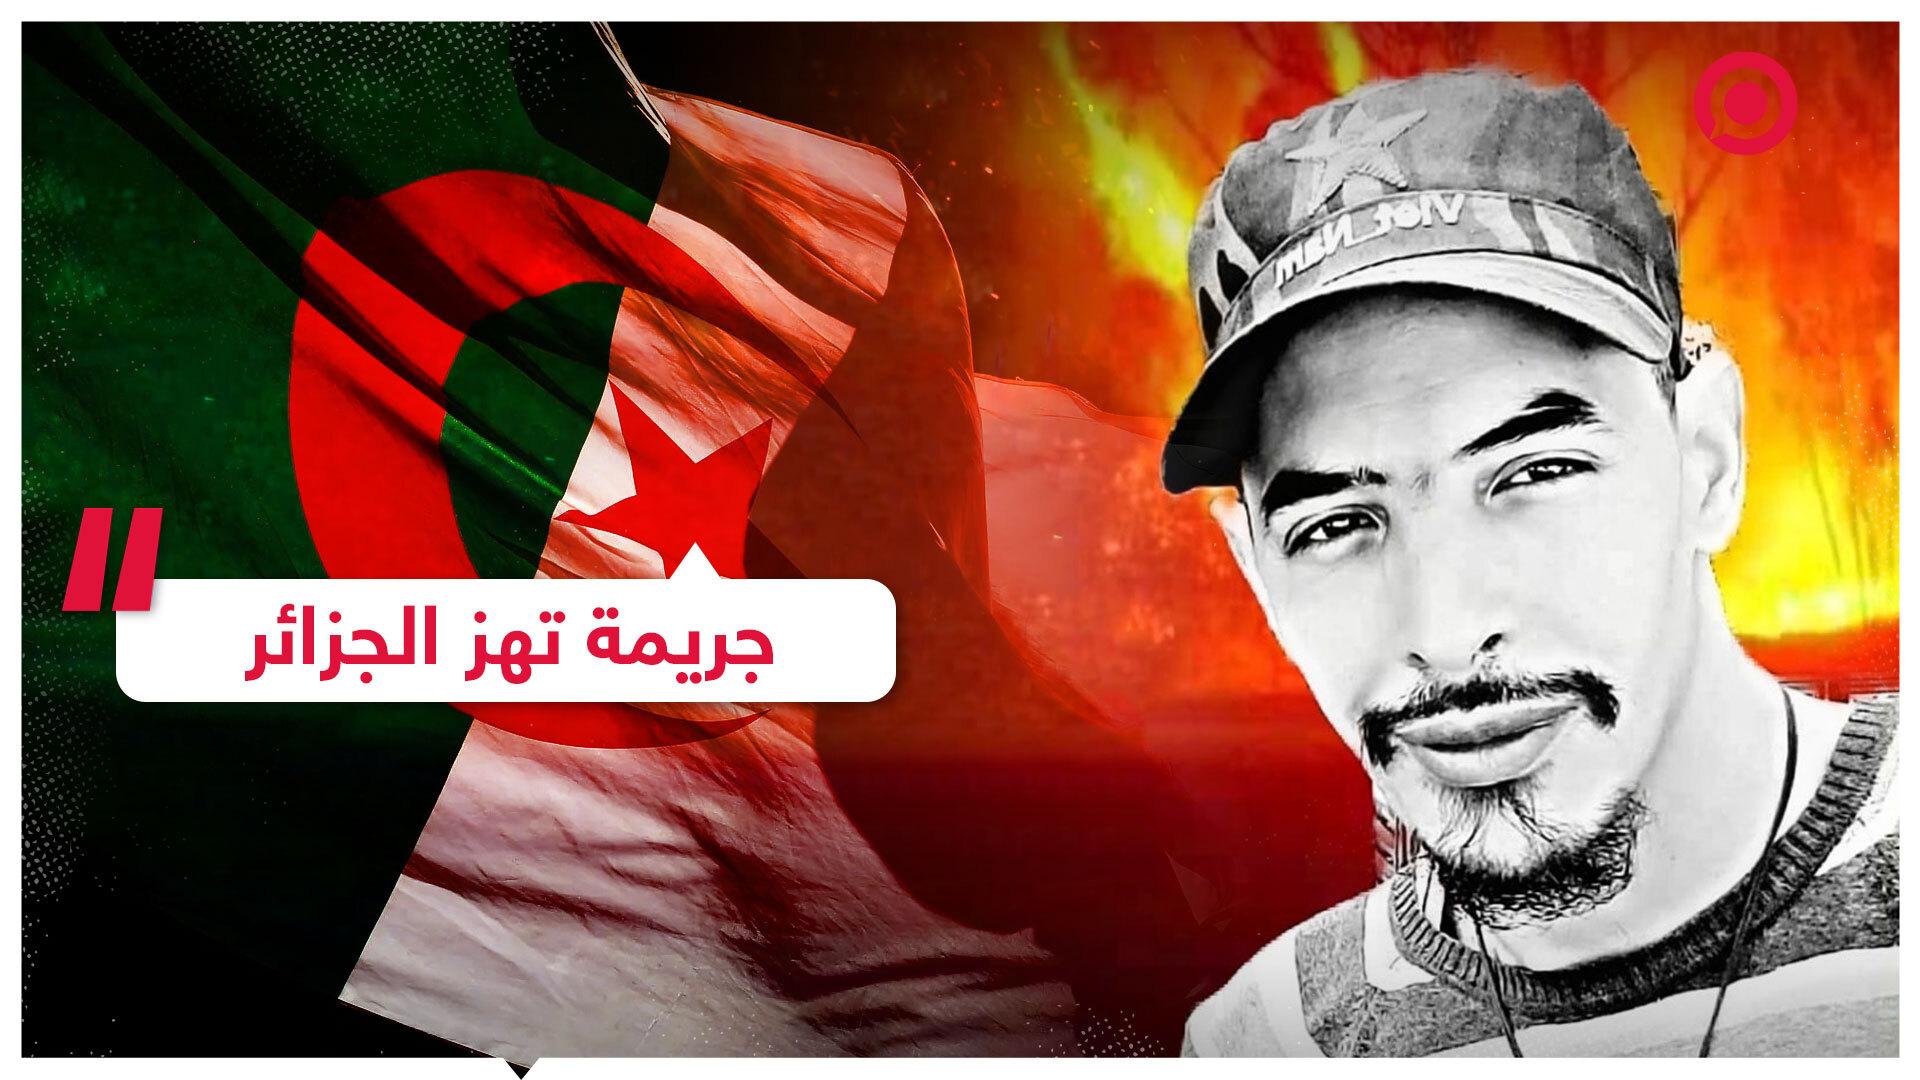 قتل بريء وحرقه.. جريمة تهز الجزائر